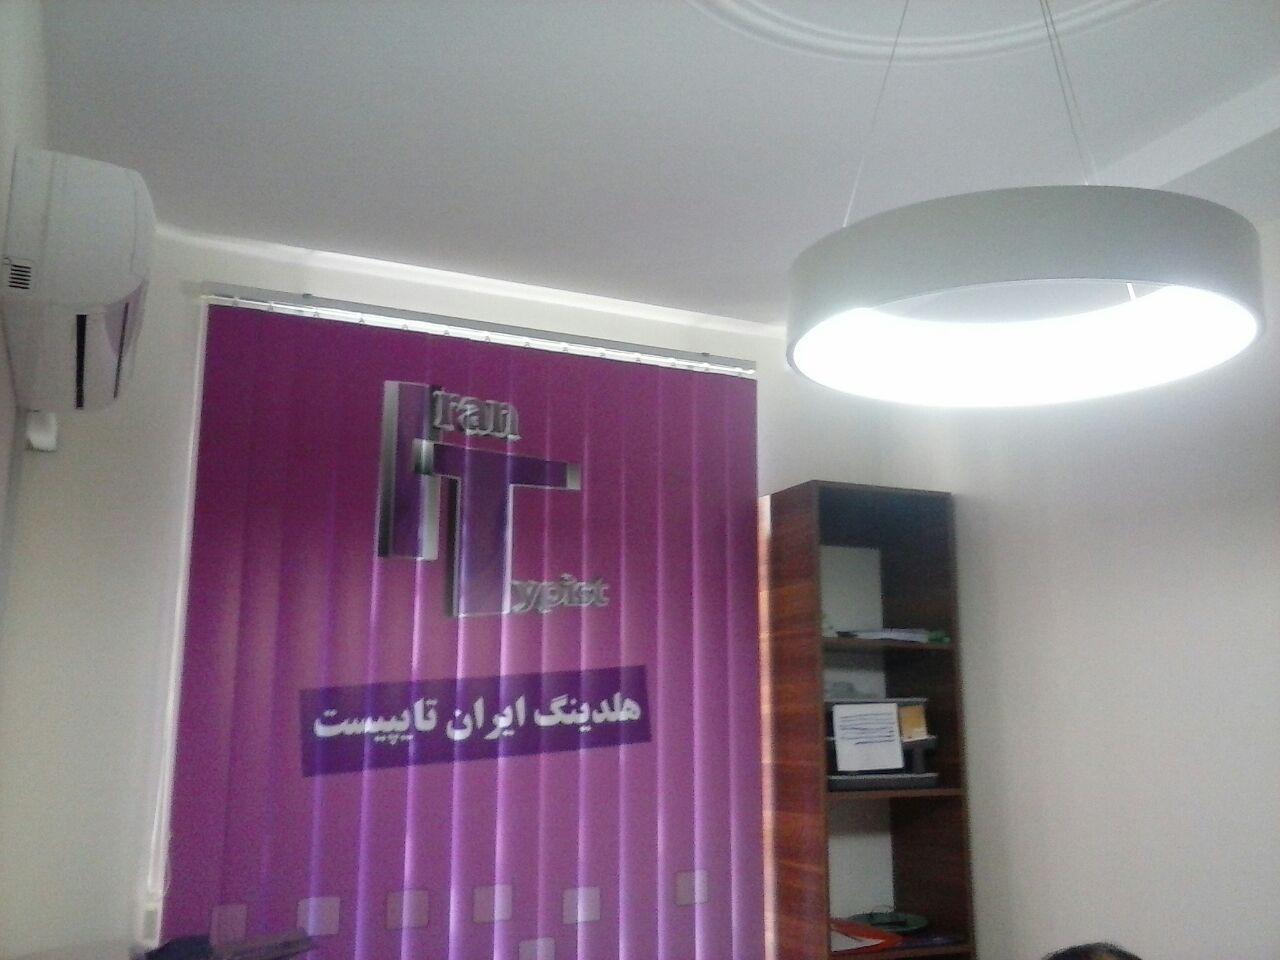 دفتر تهران میدان انقلاب ایران تایپیست/ تایپ فوری، ترجمه تخصصی، پایان نامه، مقاله، چاپ کتاب